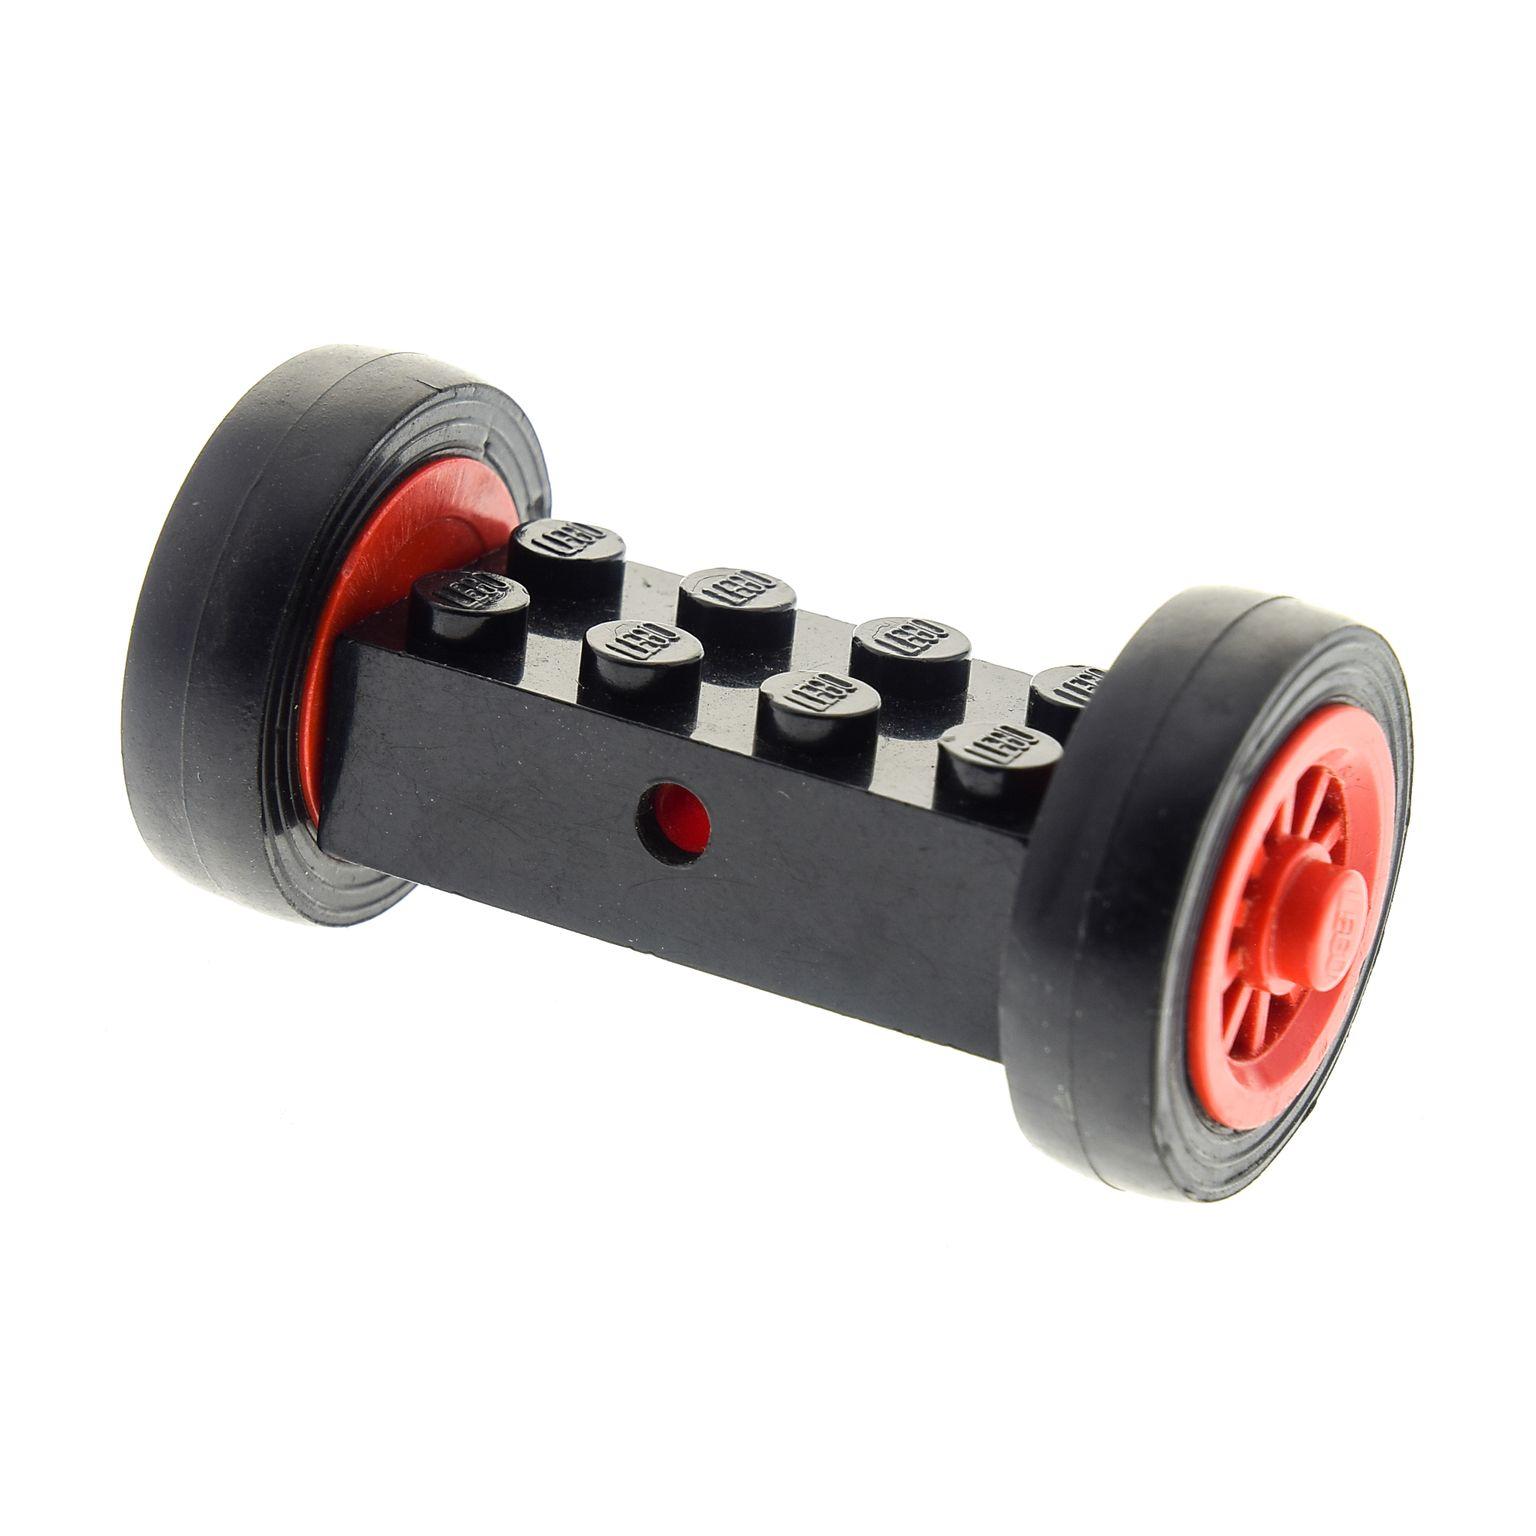 1 x lego system achse 2x4 mit rad r der felge speichen 2x2. Black Bedroom Furniture Sets. Home Design Ideas